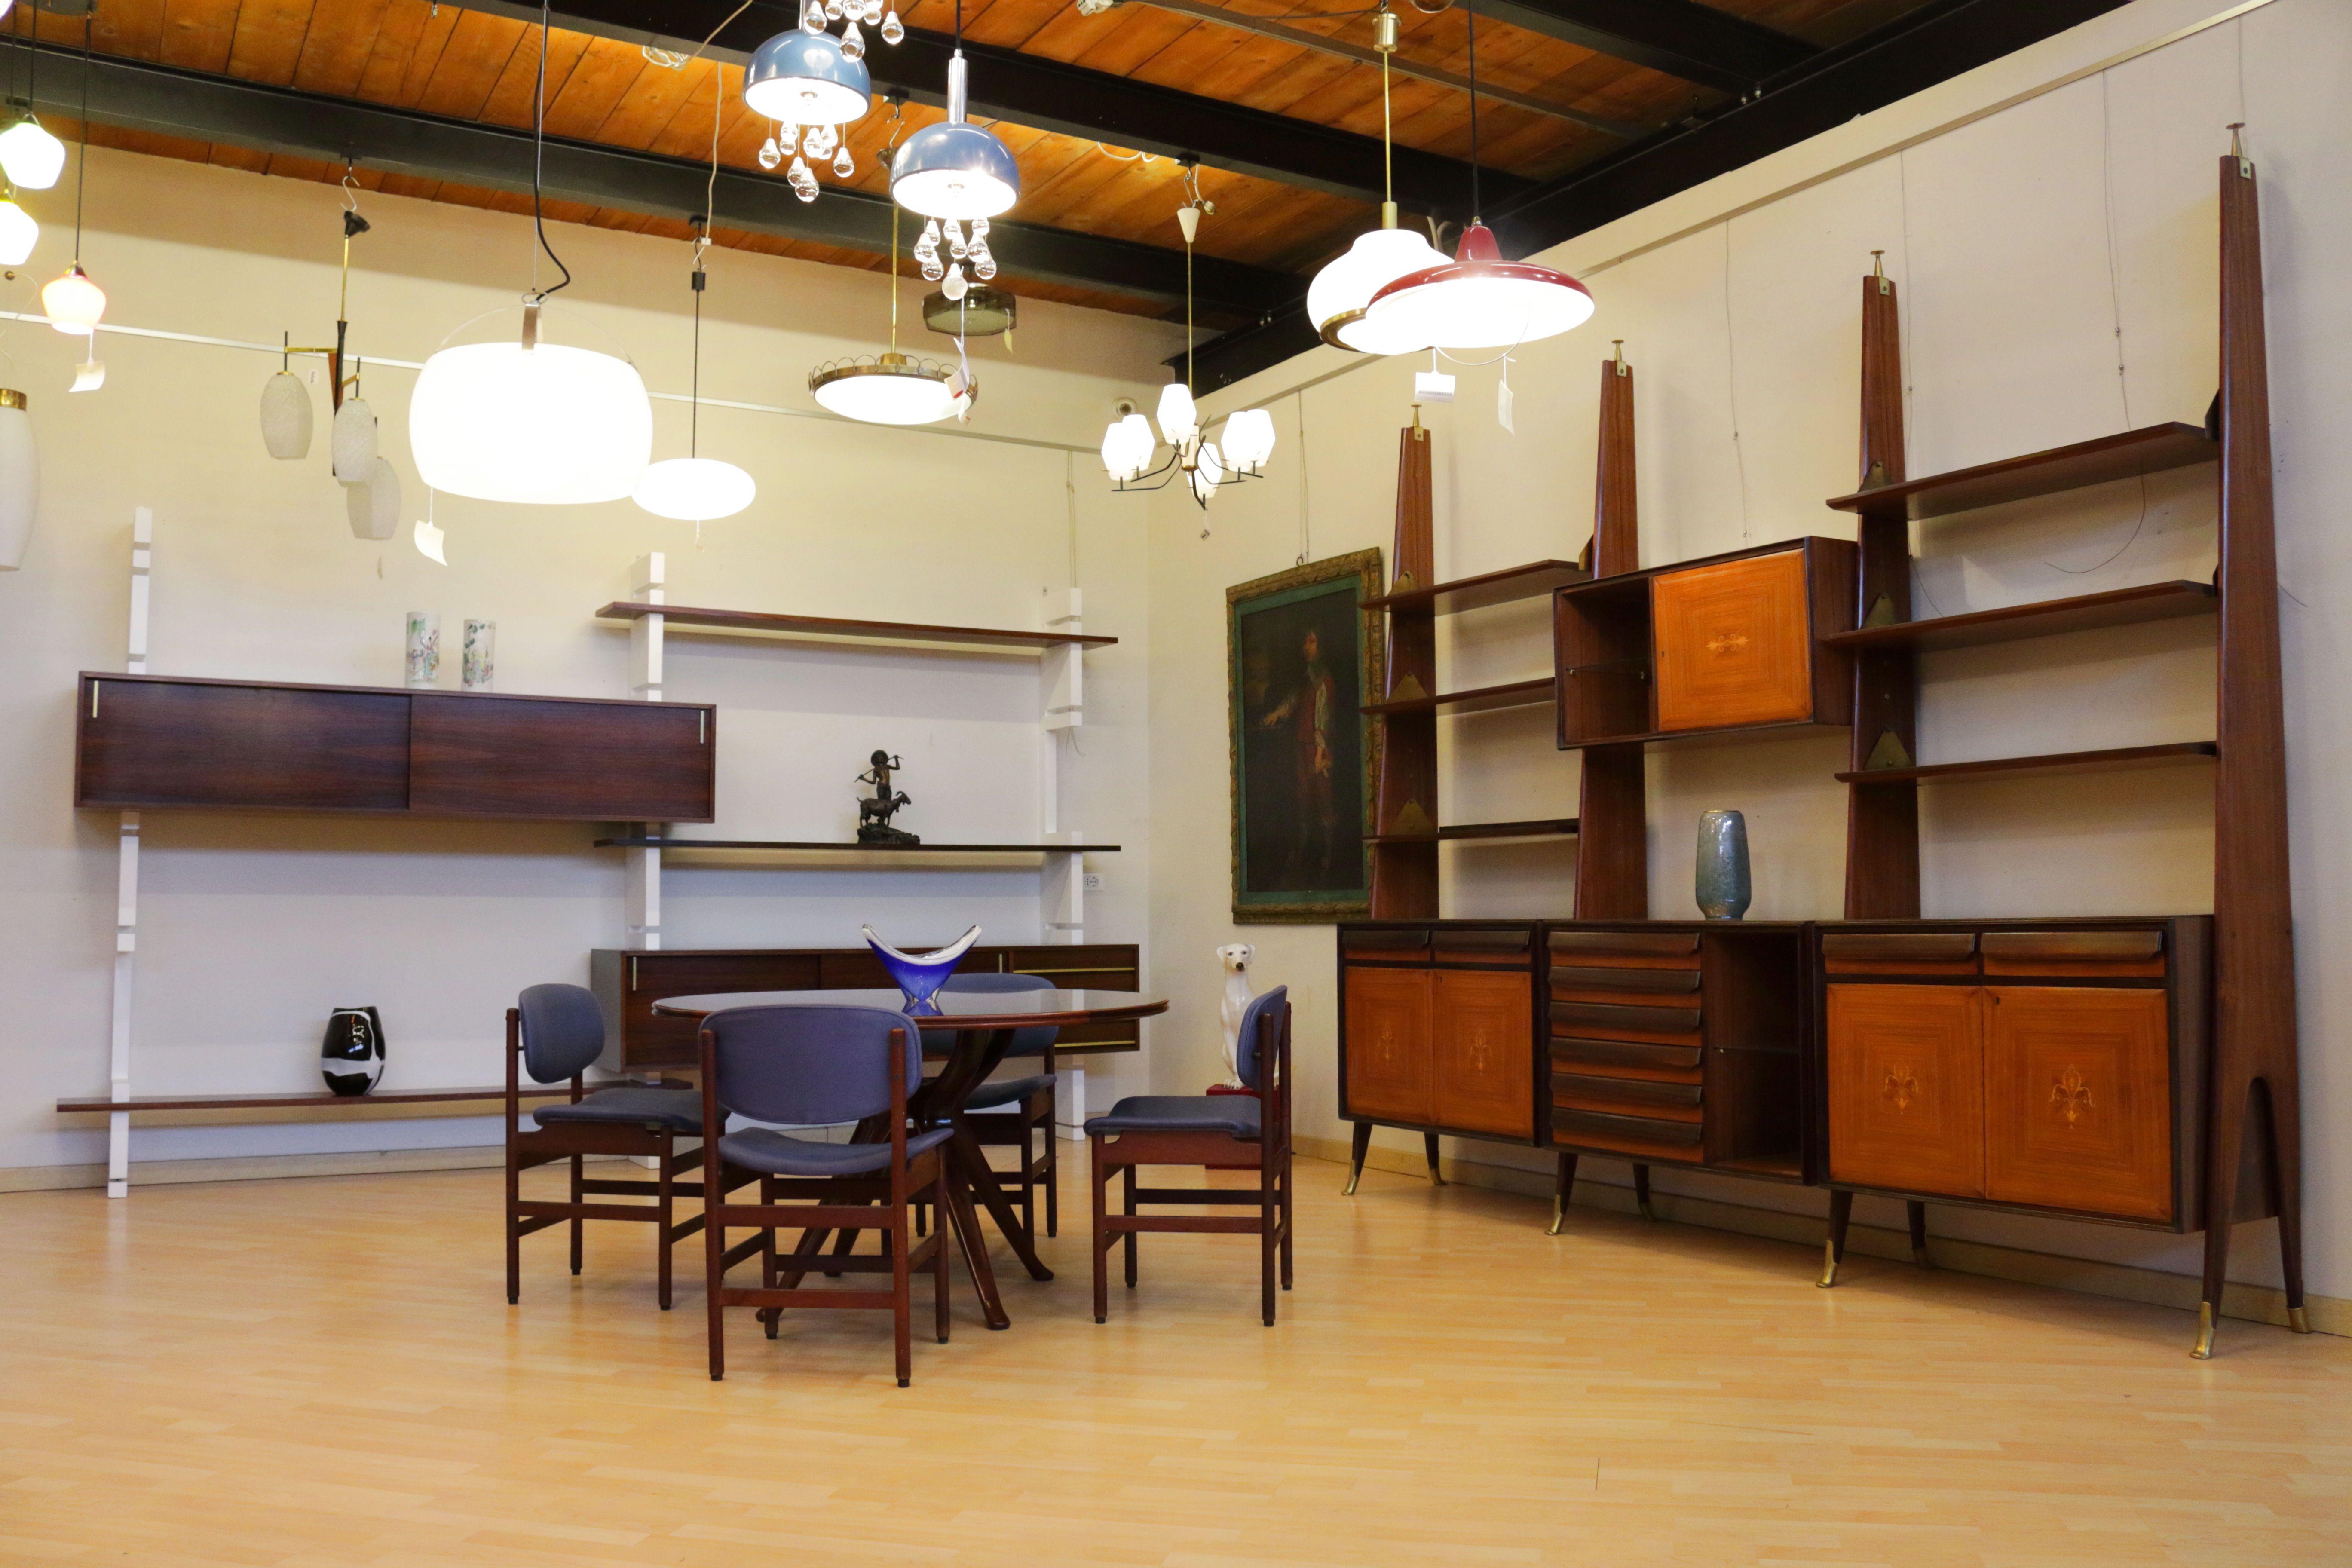 Tavolo E Sedie Anni 70.Ispirazione Di Home Design Con Libreria Amma Anni 70 A Sinistra